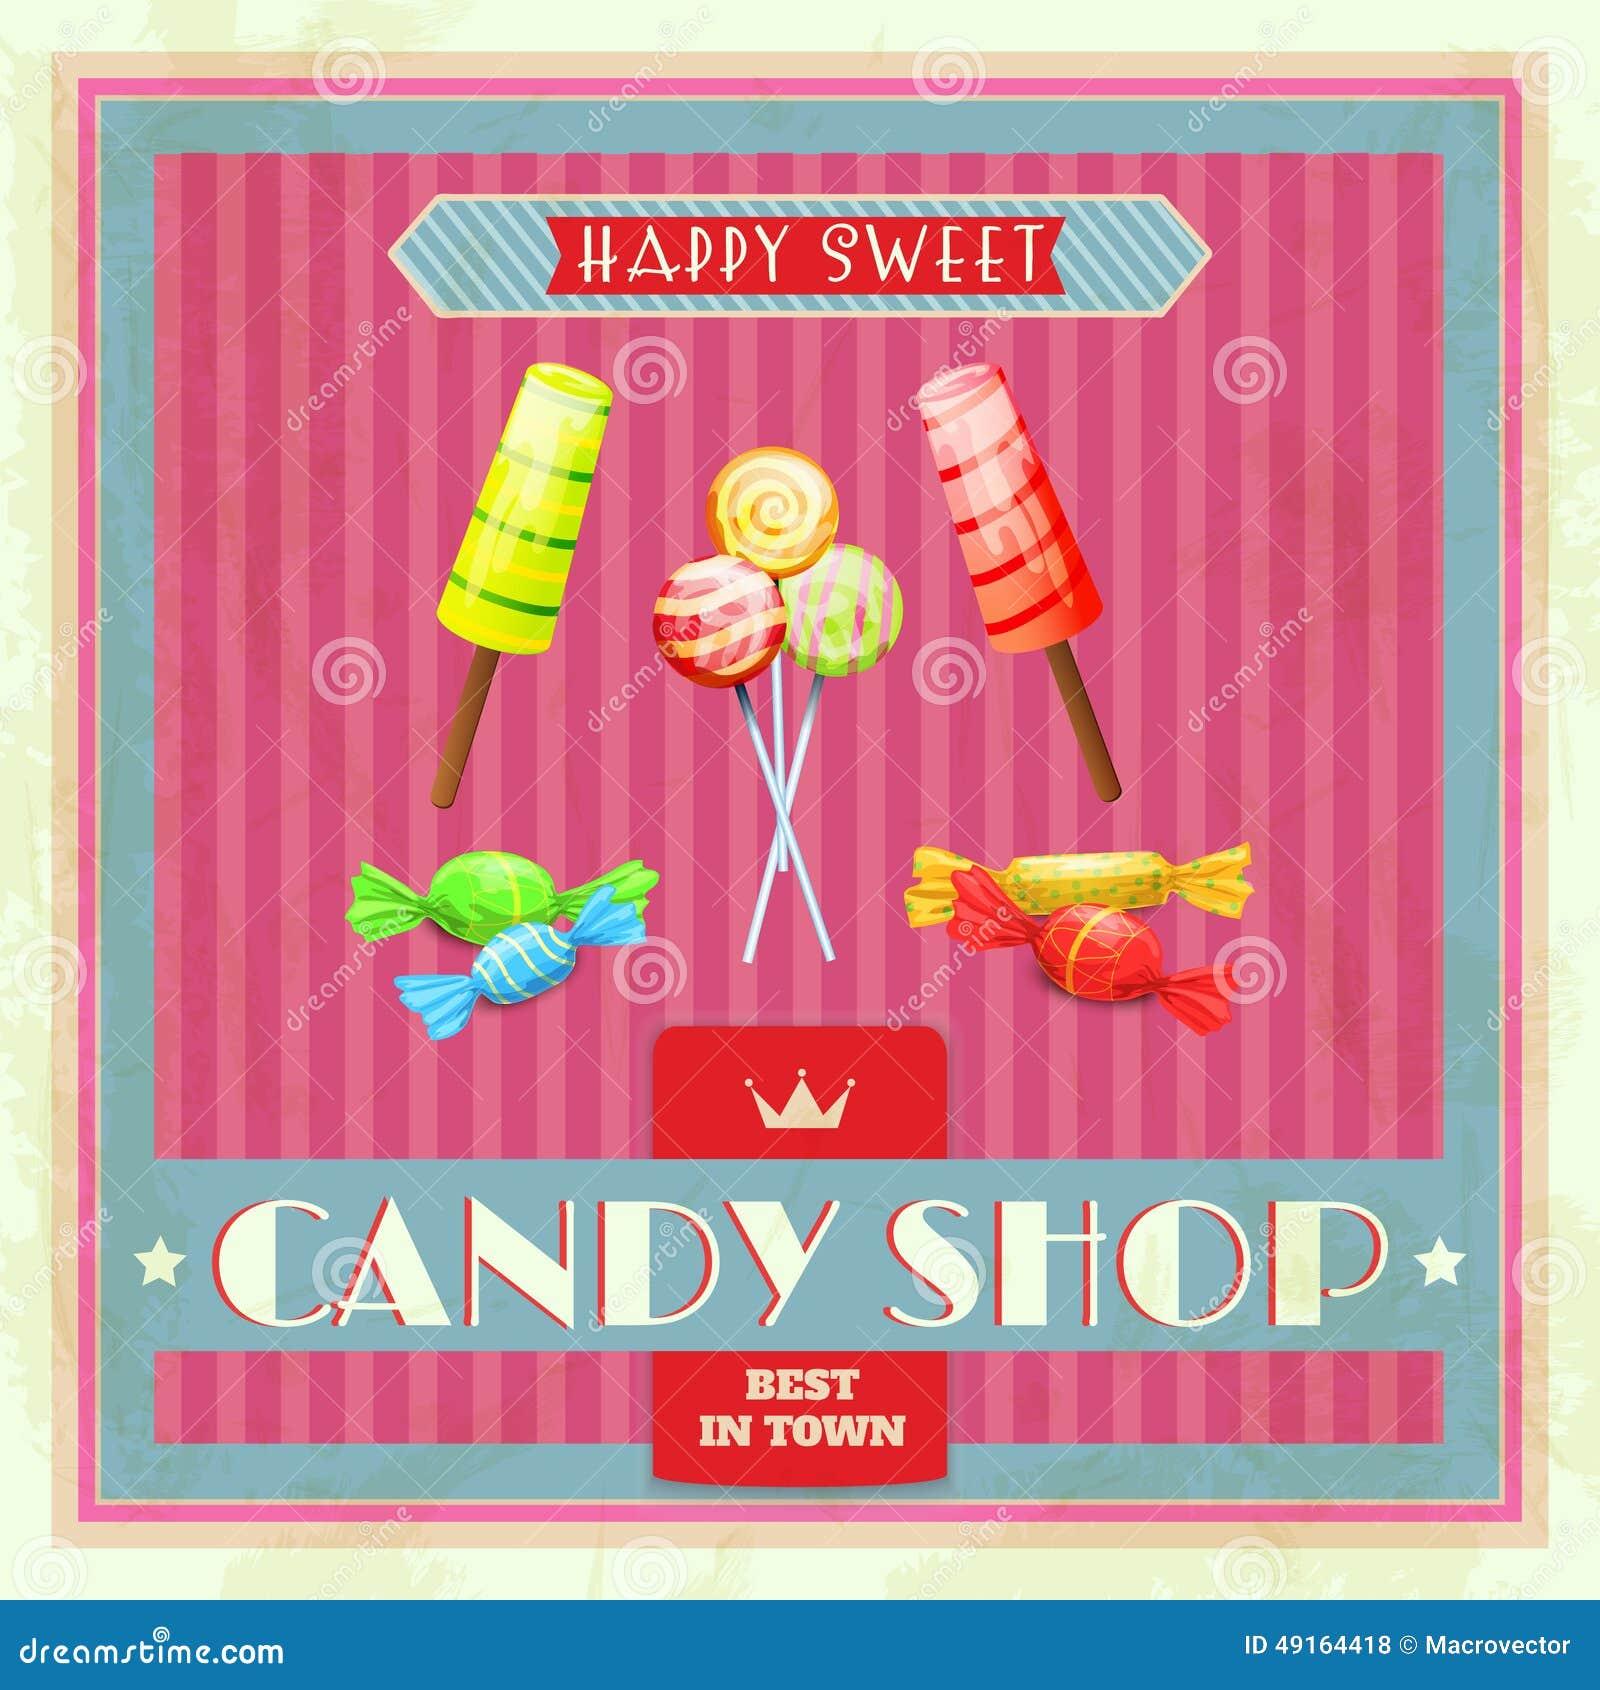 sweet shop poster stock vector image of premium shop 49164418. Black Bedroom Furniture Sets. Home Design Ideas